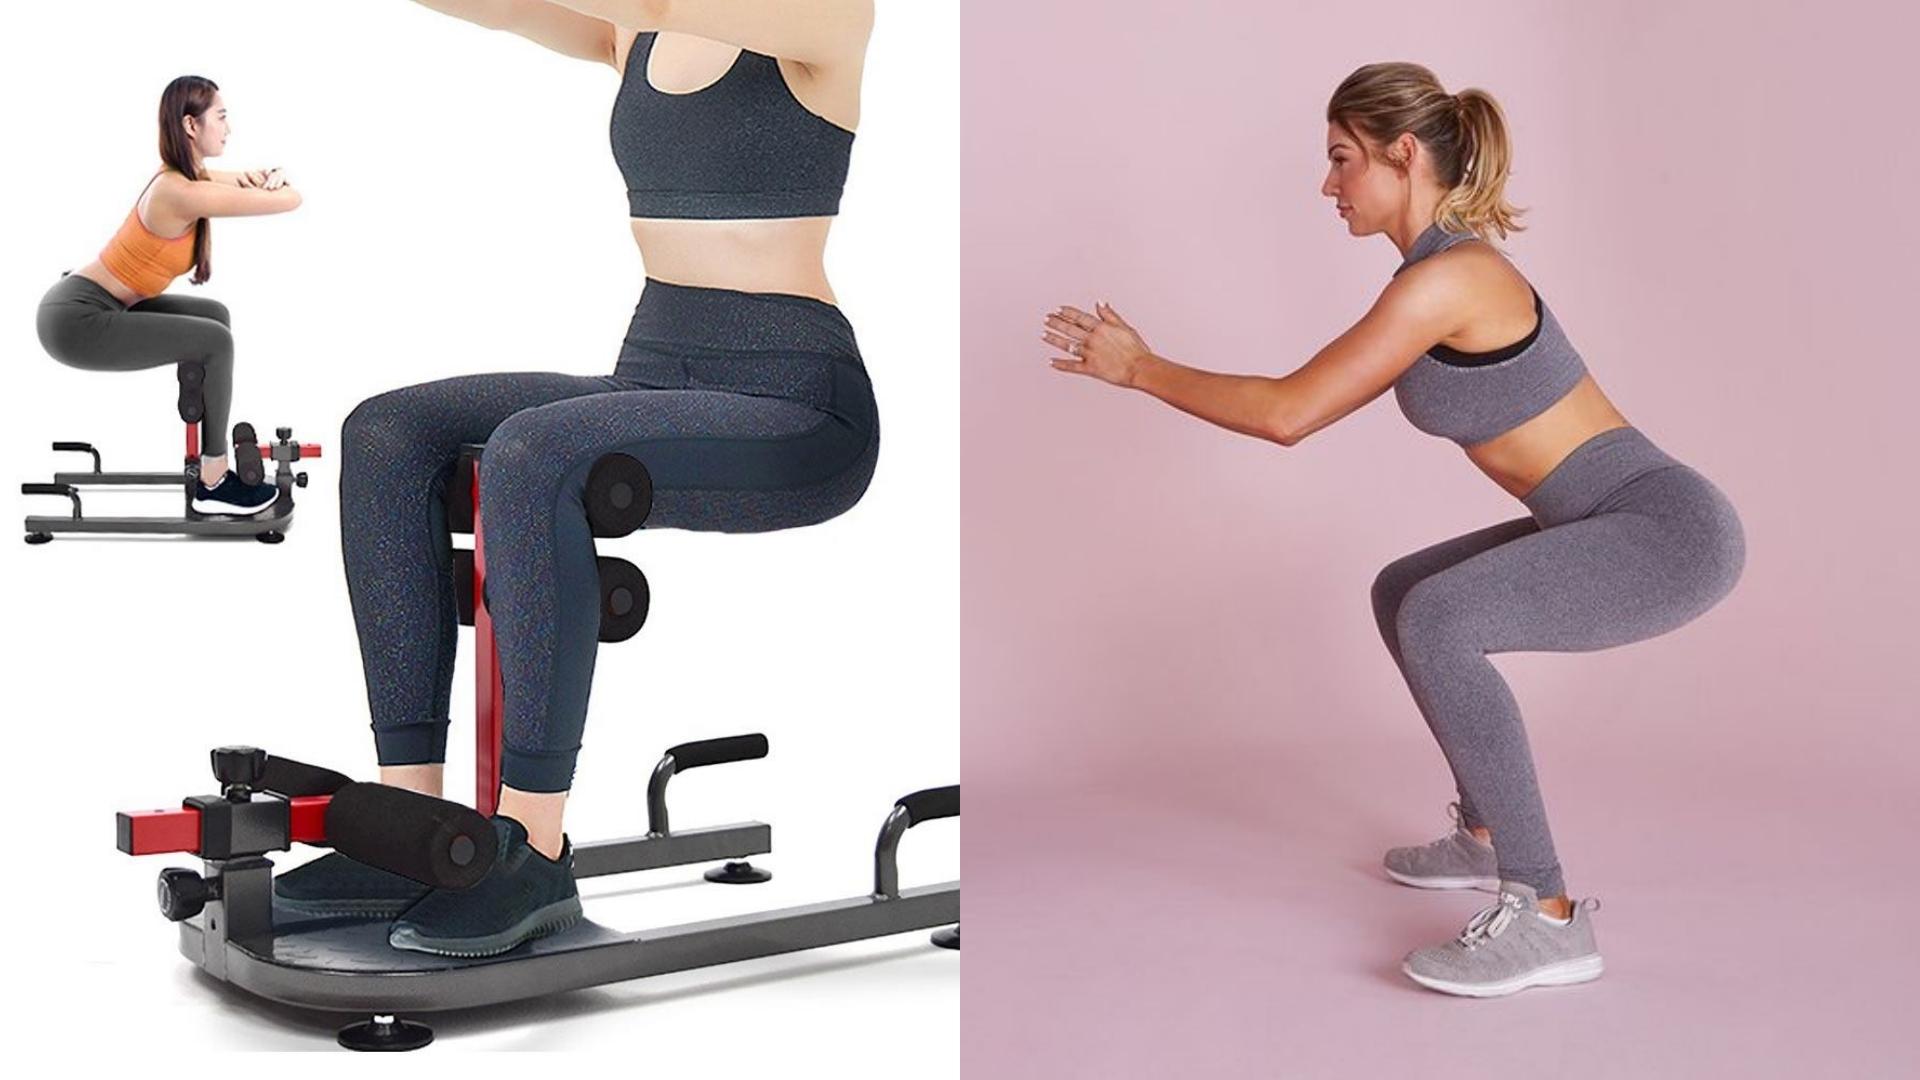 除了讓你的姿勢更標準外,還能變化成負重深蹲、弓步深蹲,讓訓練變得更有趣!